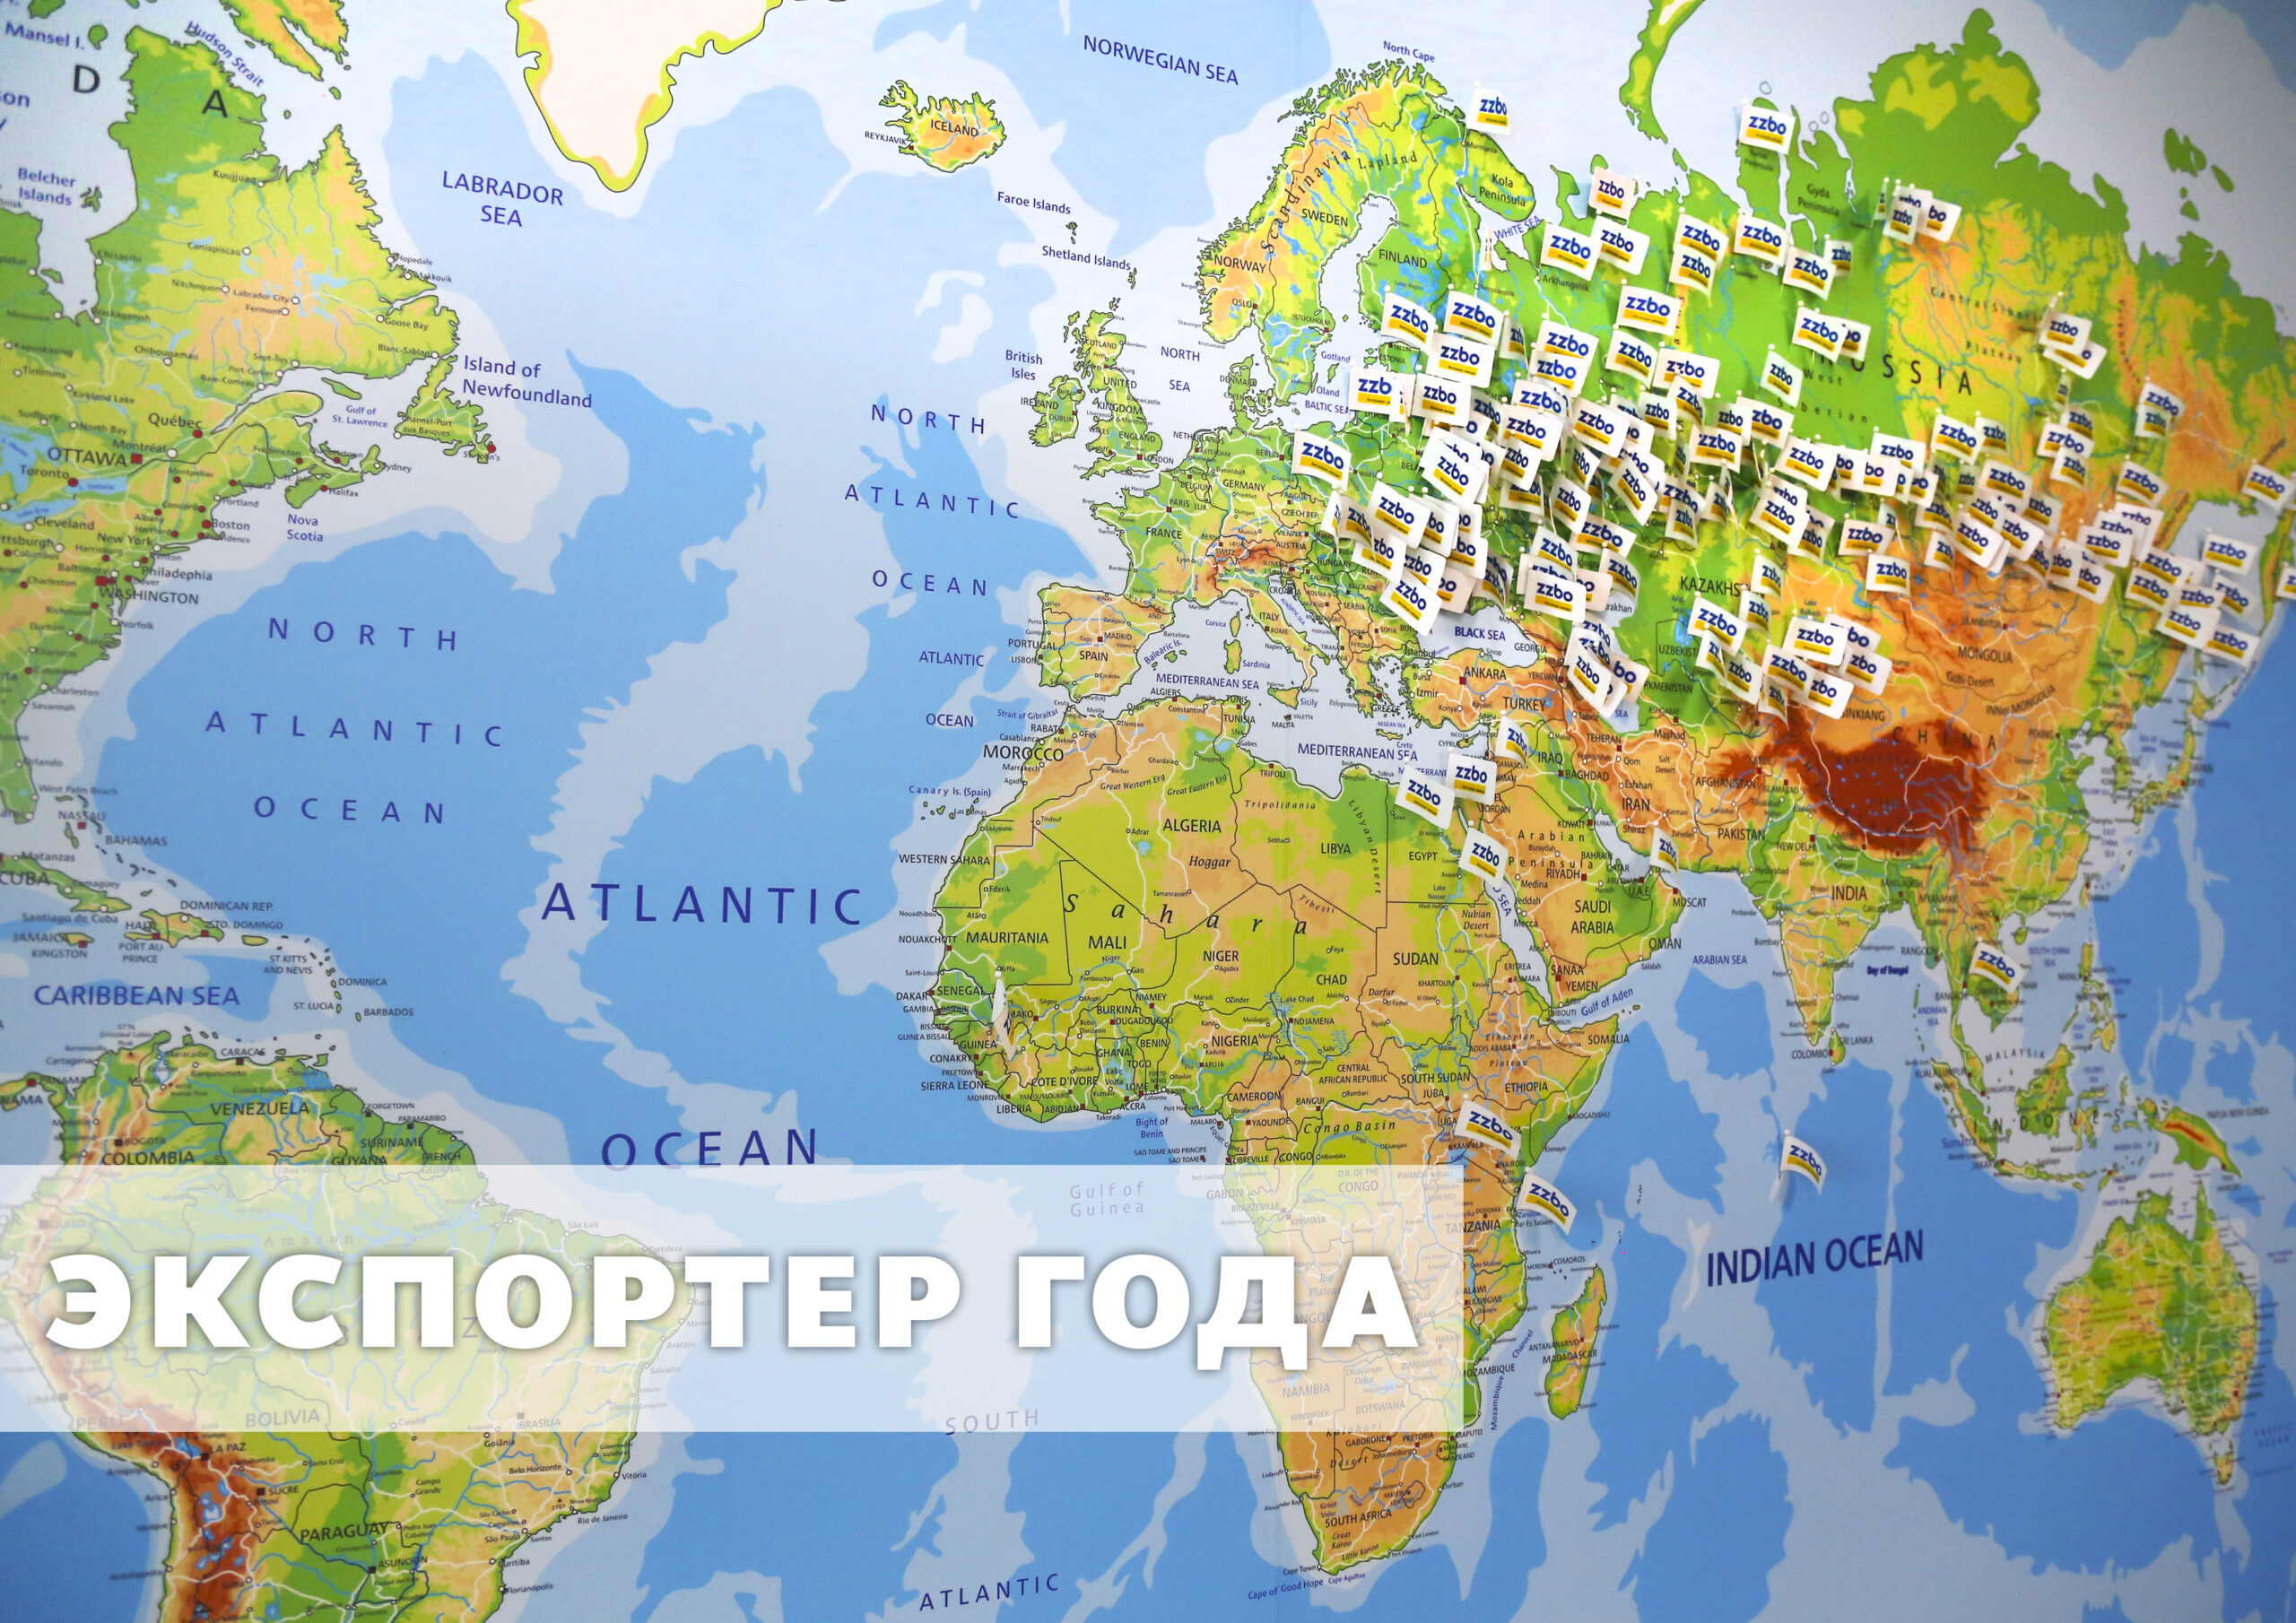 Итоги регионального конкурса «Экспортер года»!